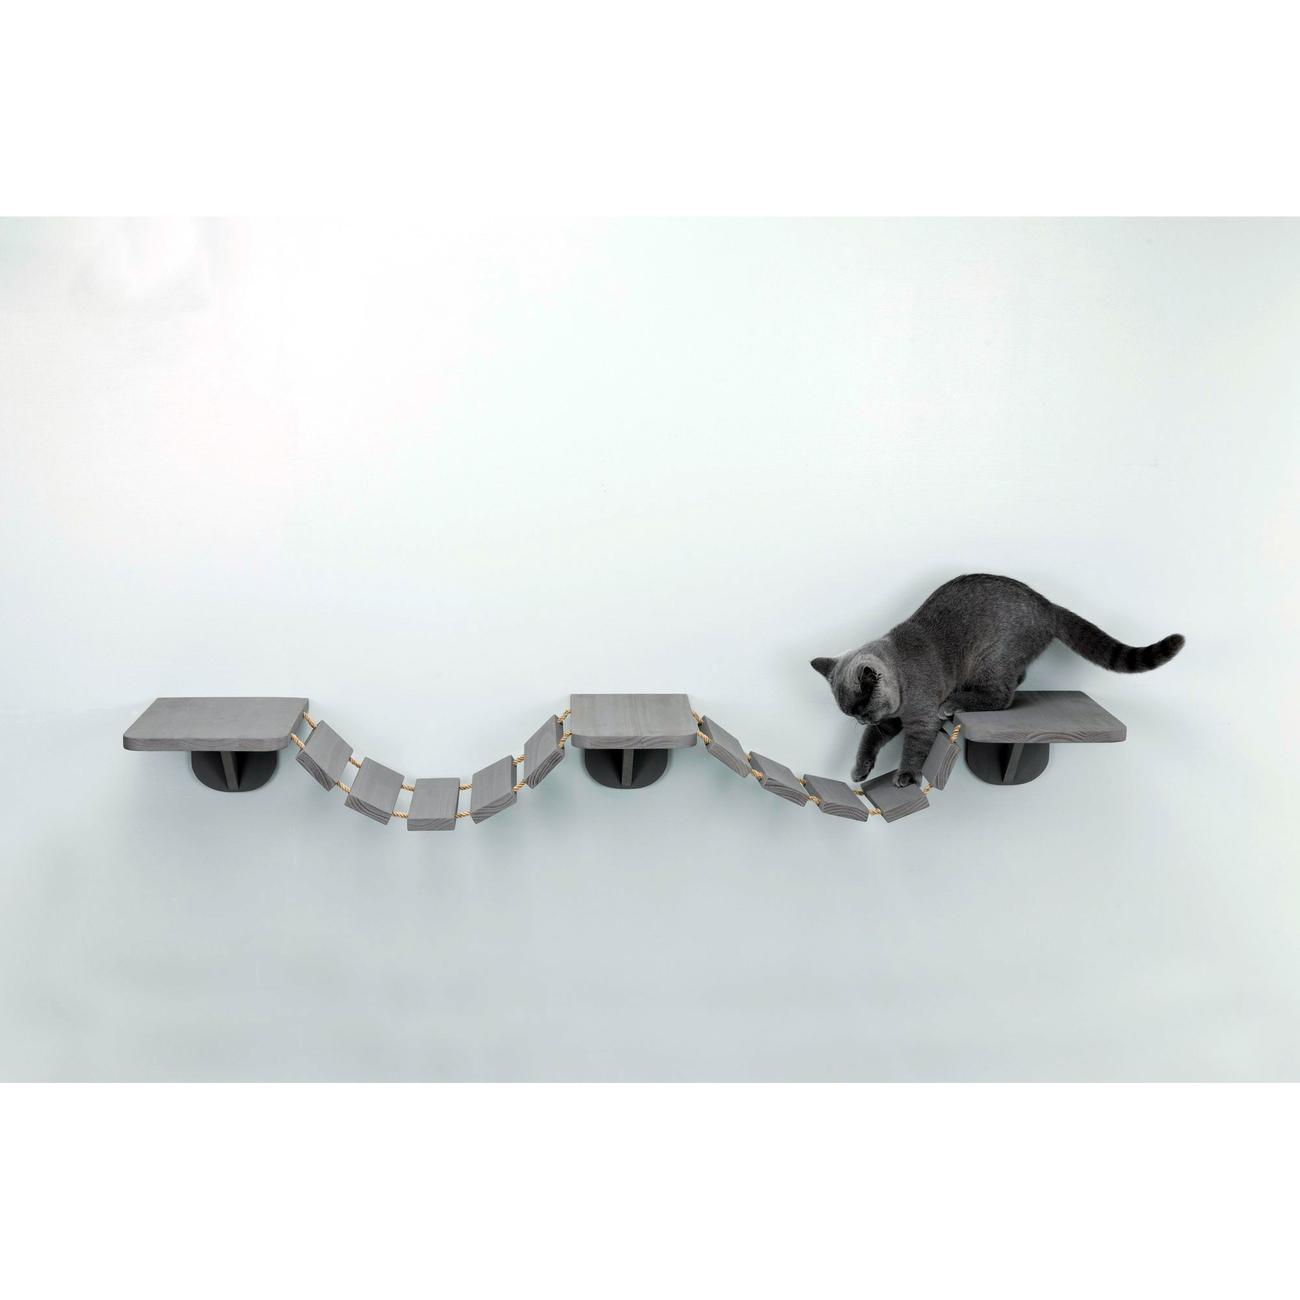 Trixie Katzen Kletterleiter zur Wandmontage 49930, Bild 5